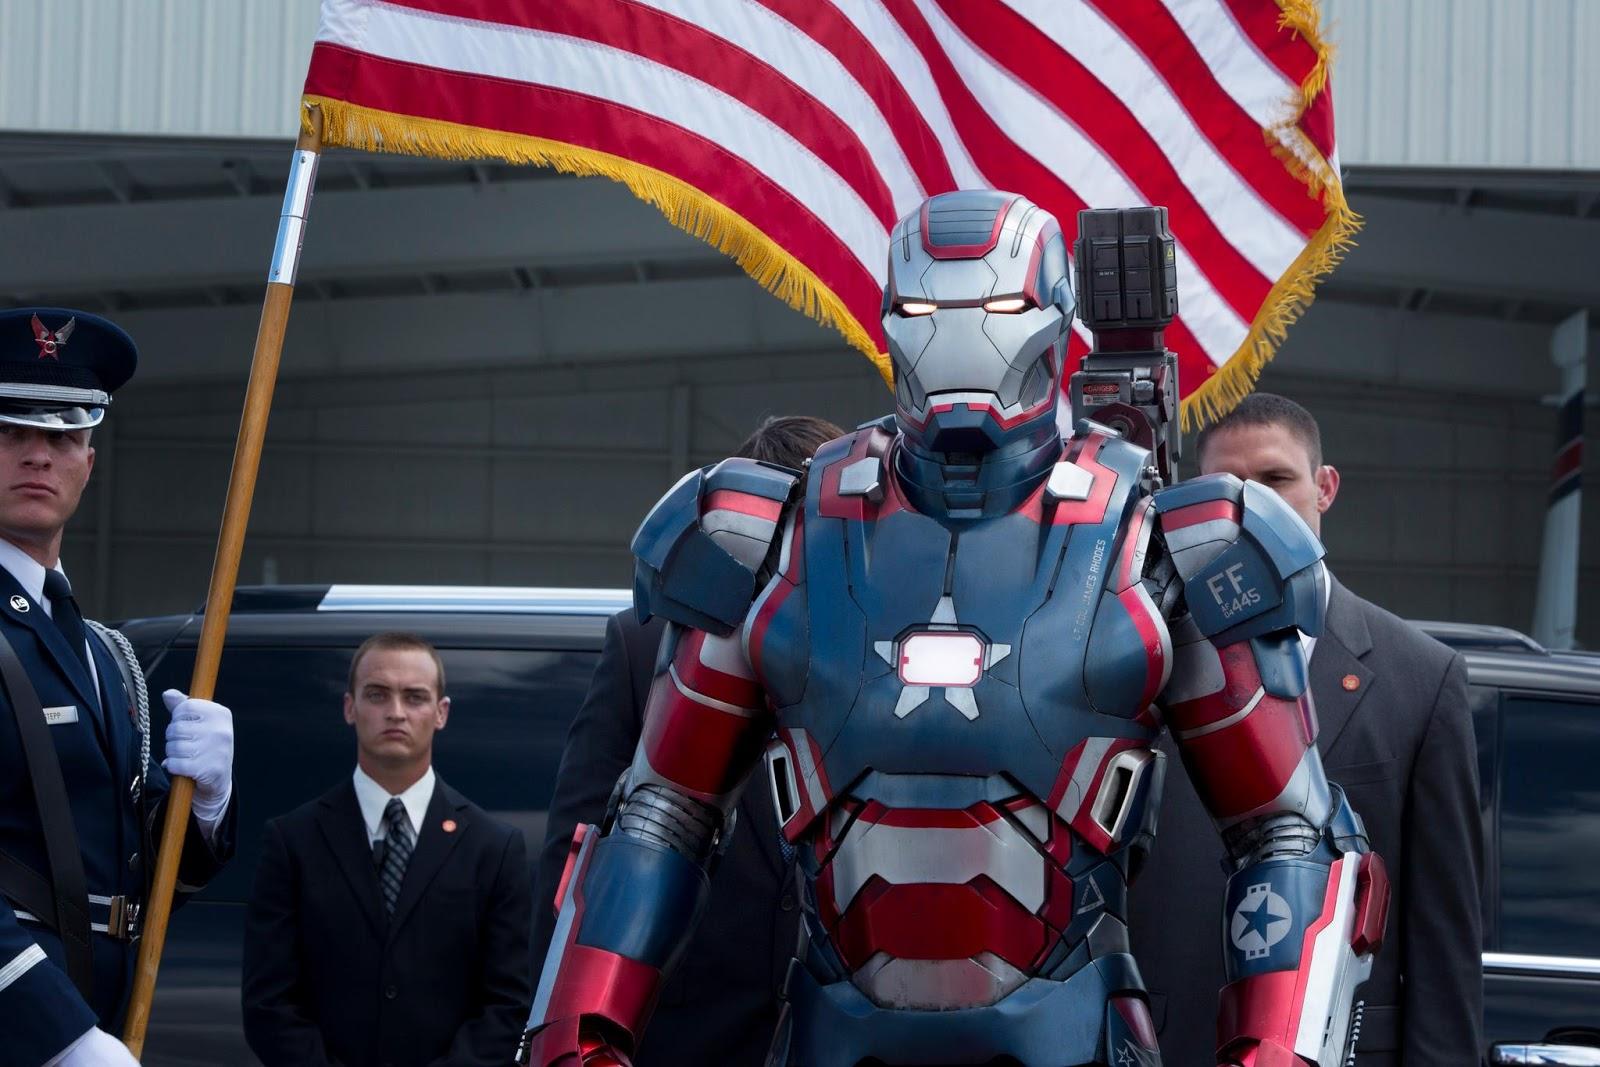 Imágenes oficiales de Iron Man 3 - Iron Patriot